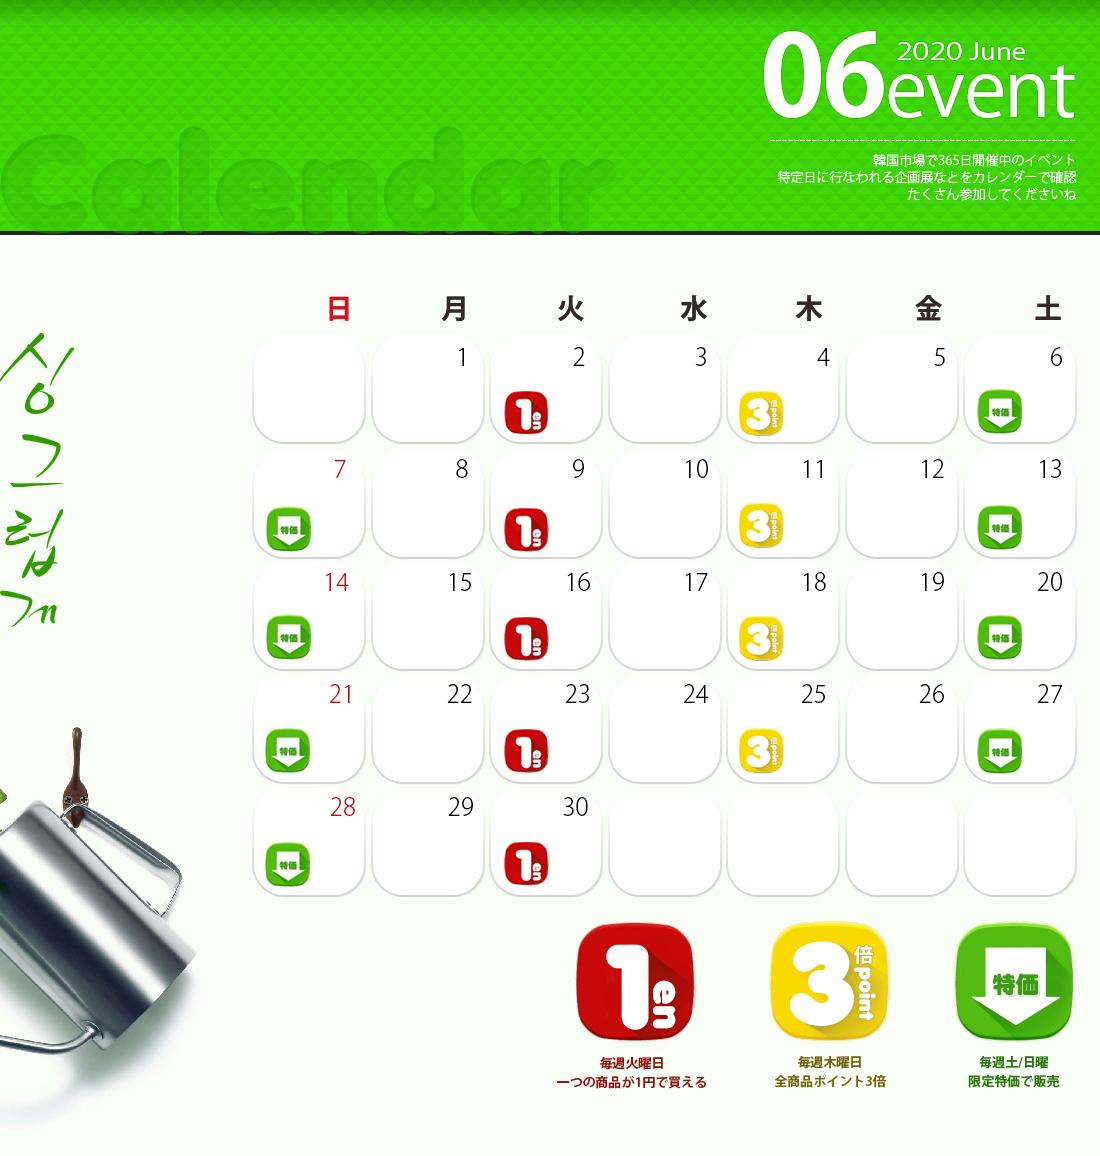 韓国市場6月イベント